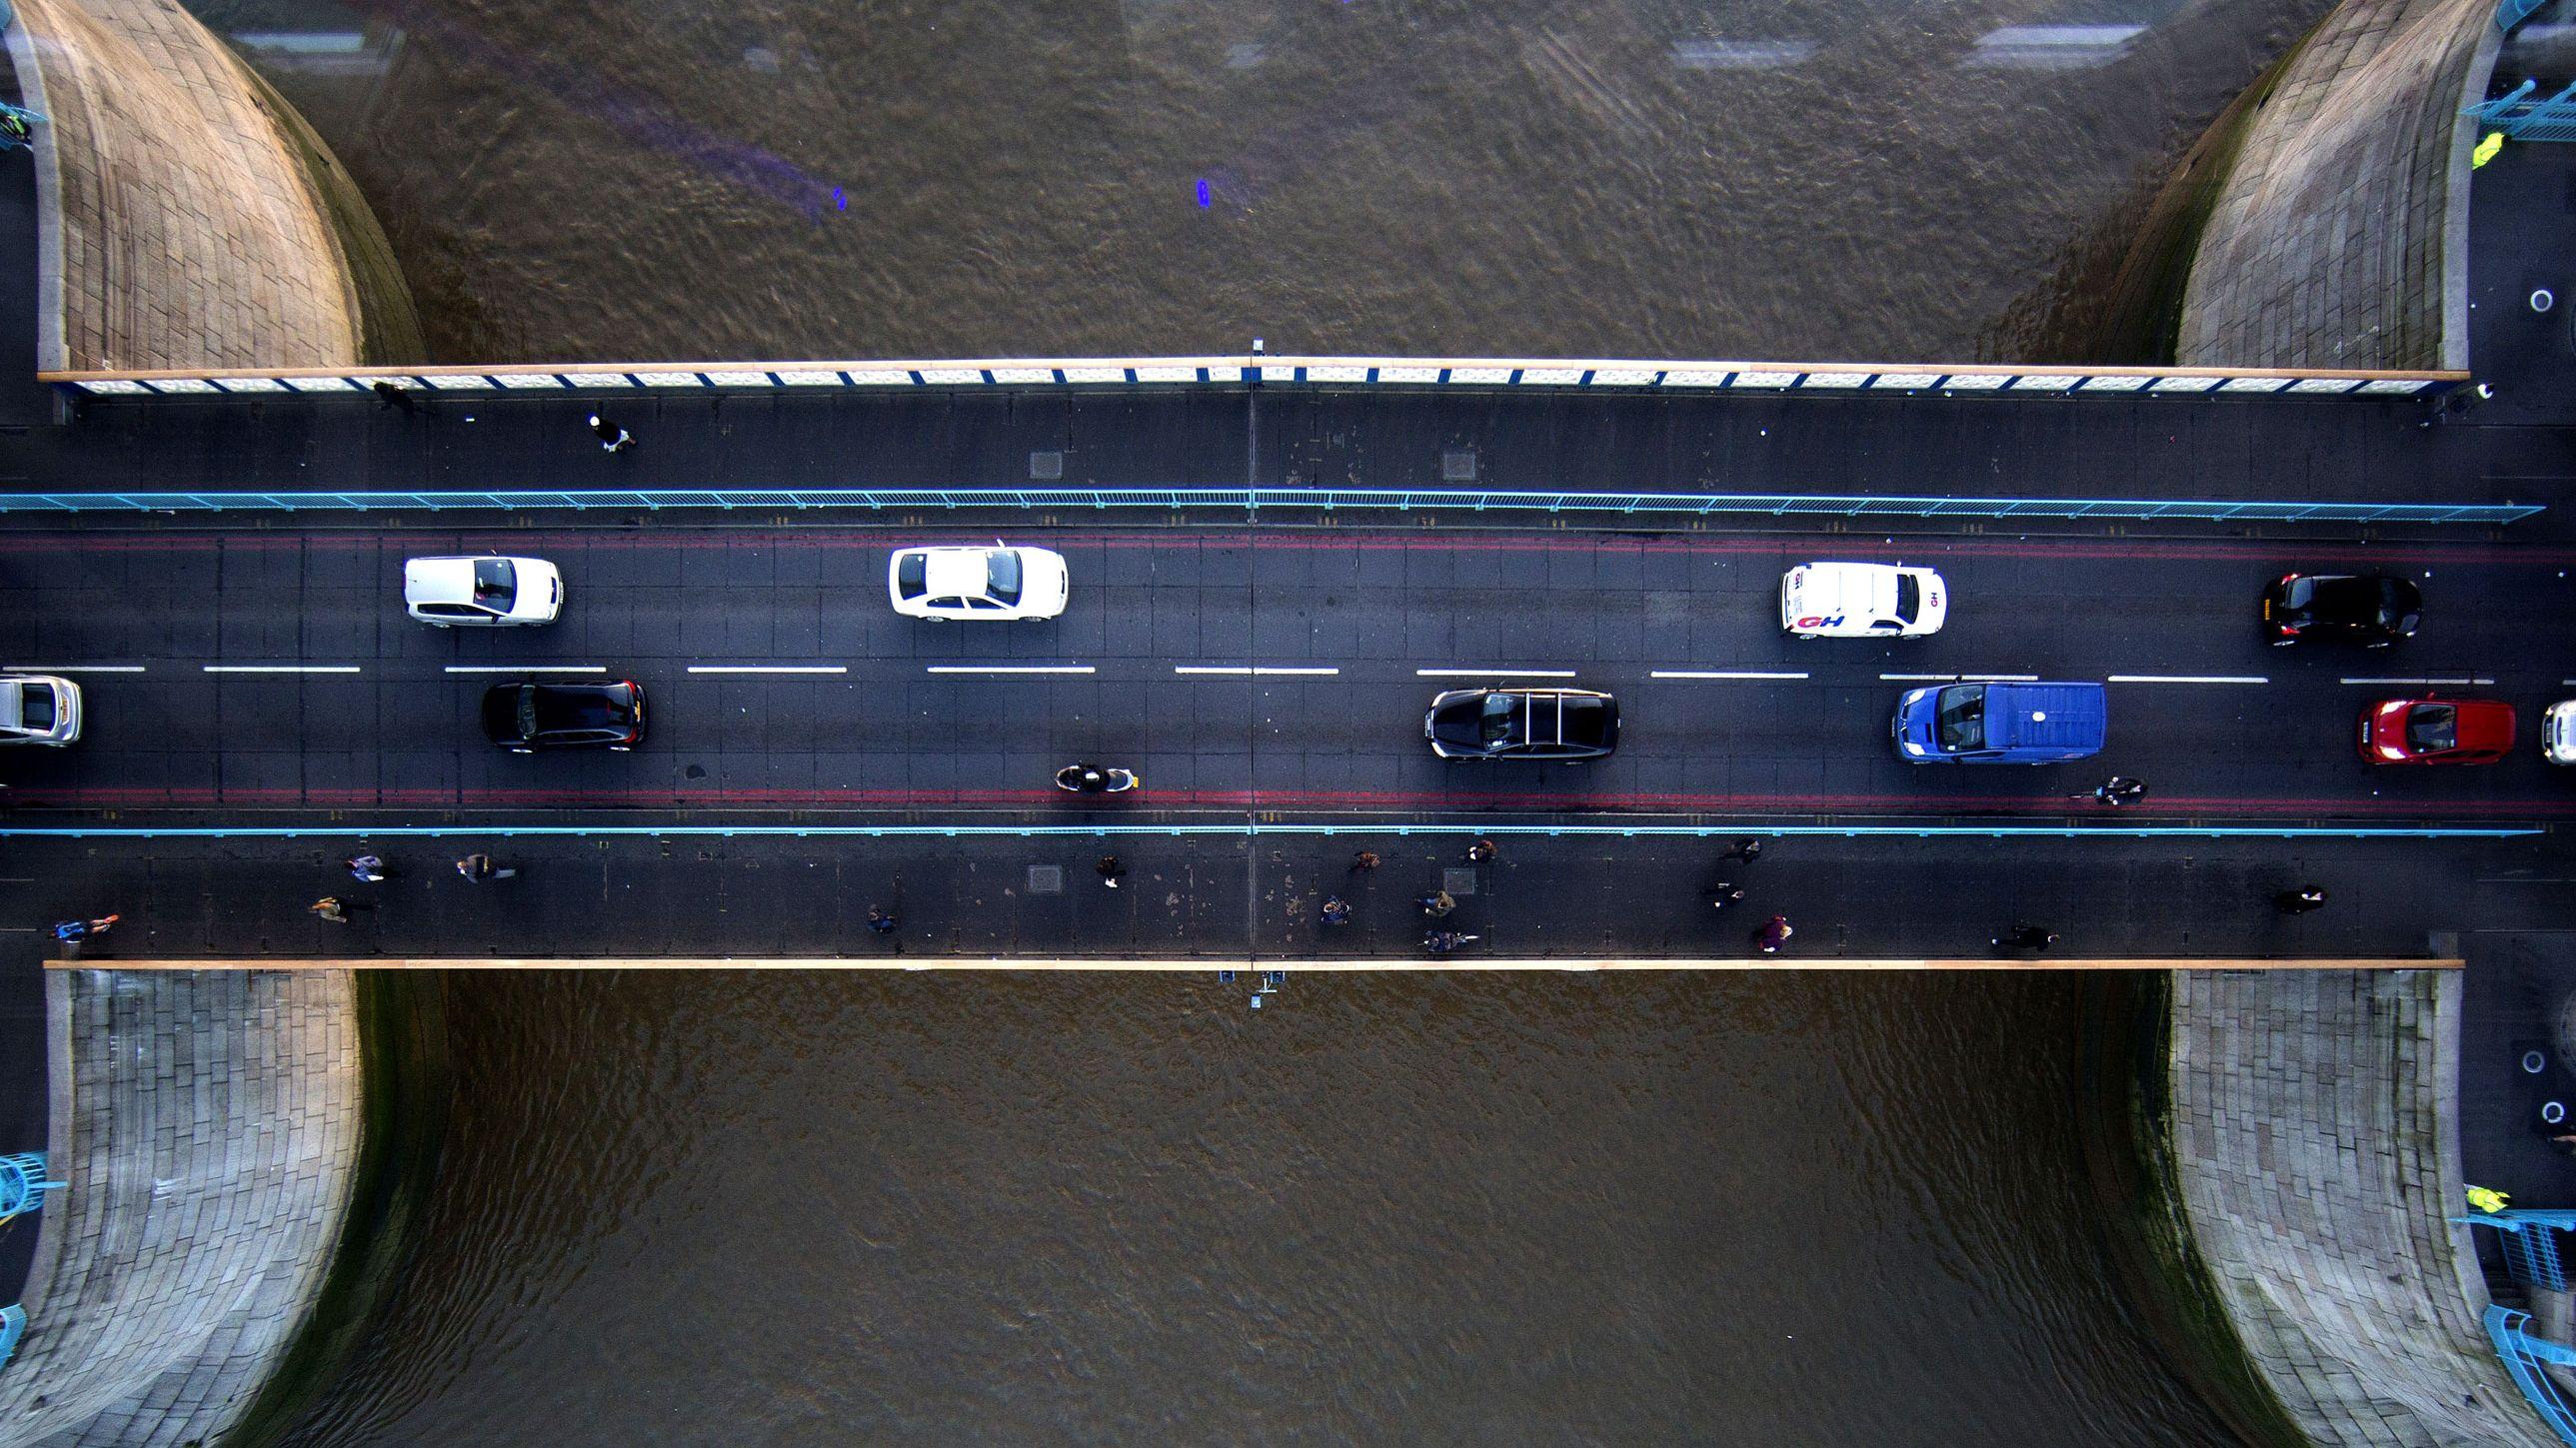 ヨーロッパ、電気自動車普及に向け、ディーゼル車を本気で廃止へ